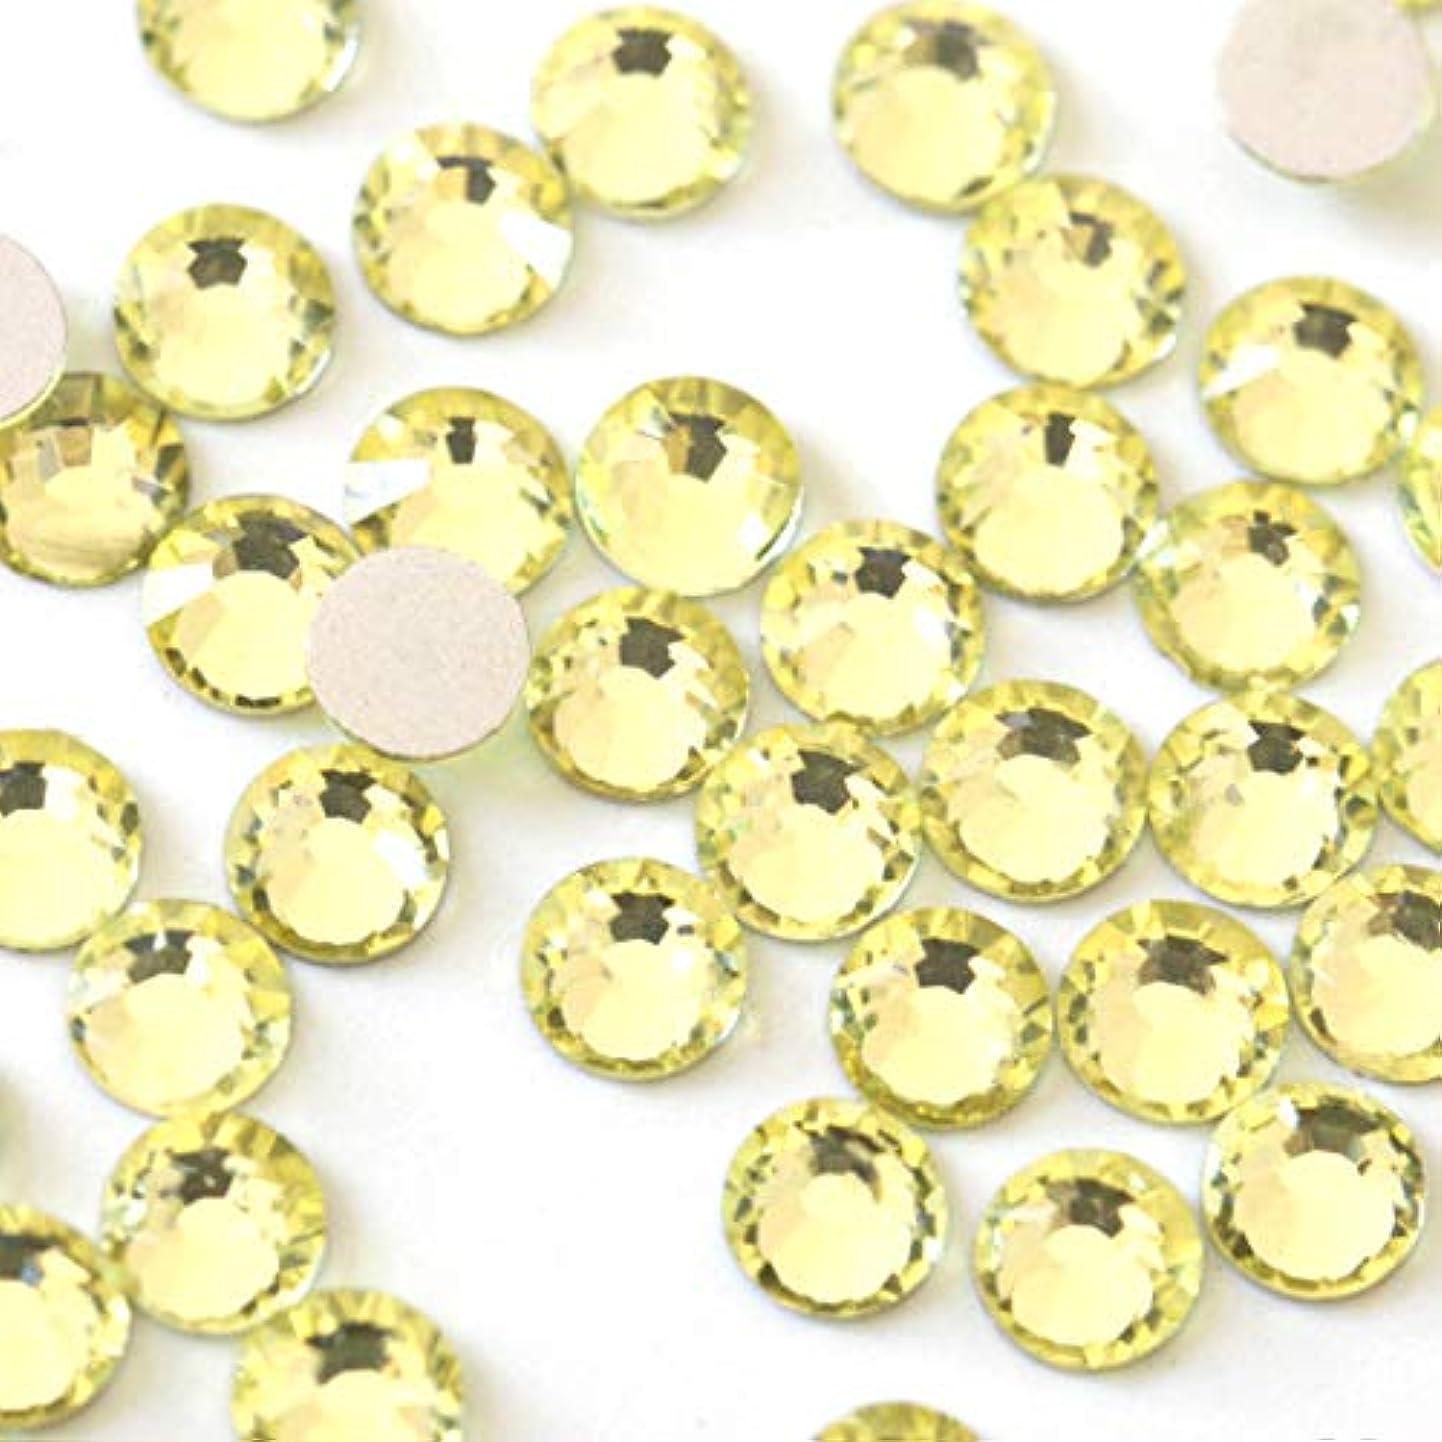 上回る待つアクティブ【ラインストーン77】高品質ガラス製ラインストーン ジョンキル(1.3mm (SS3) 約200粒)